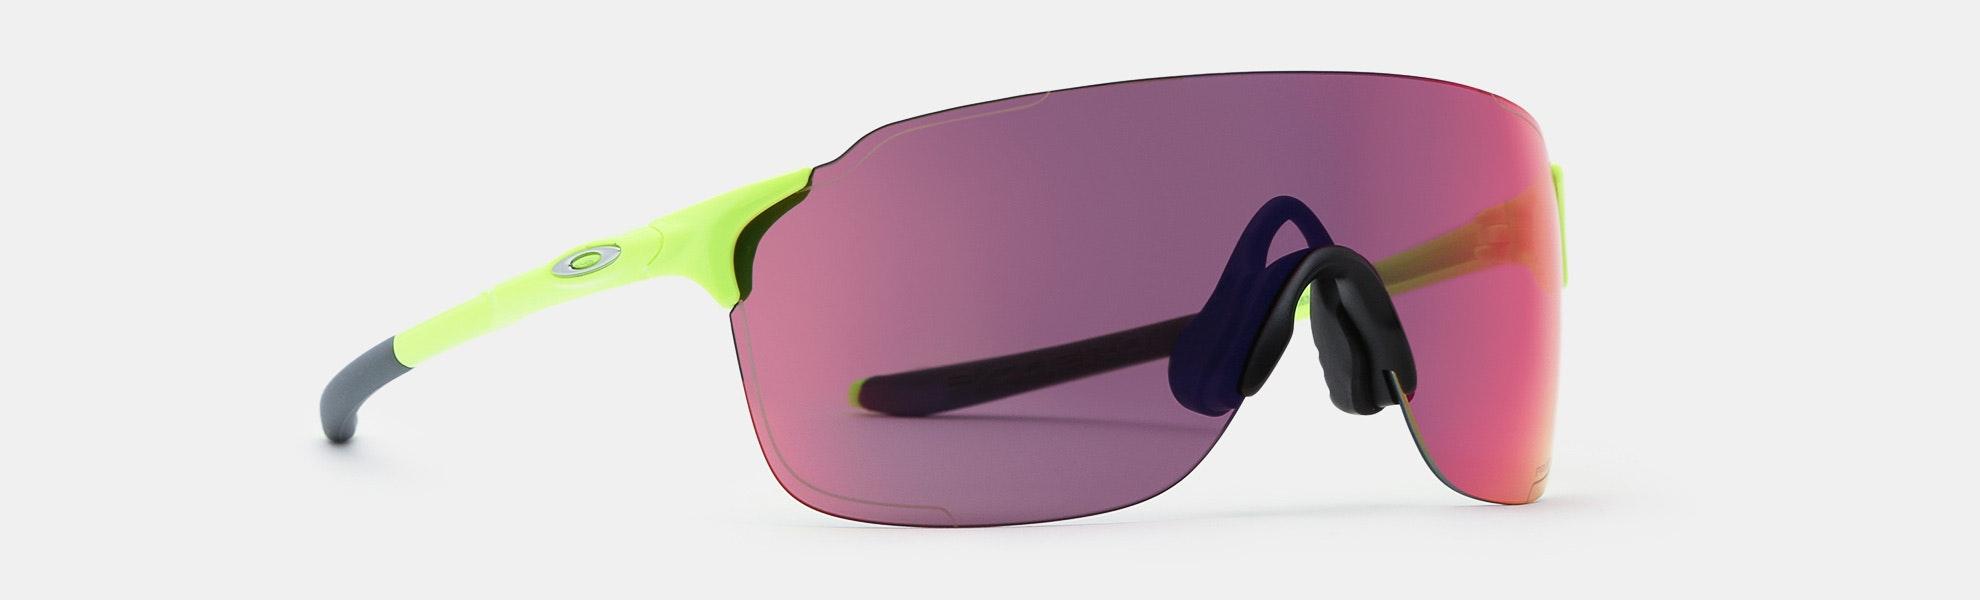 Oakley EVZero Pitch / Stride Prizm Sunglasses